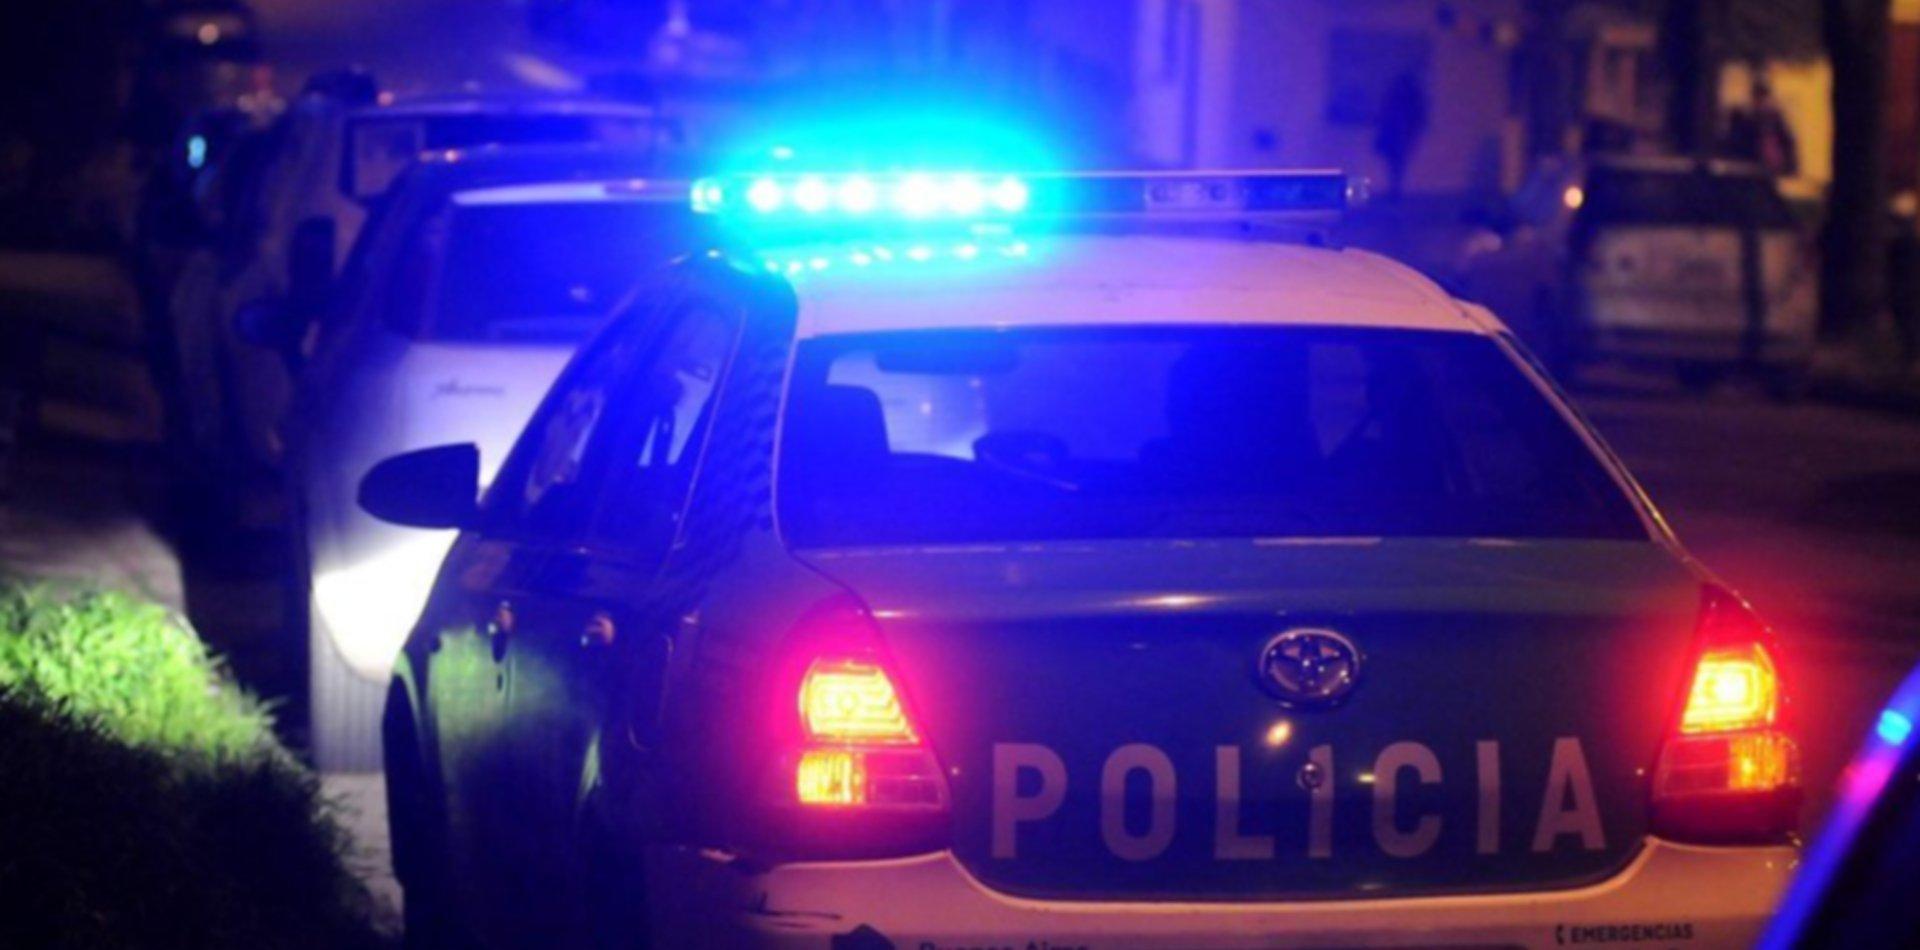 Desvalijaron a una familia, golpearon al dueño y amenazaron con raptar a su sobrina